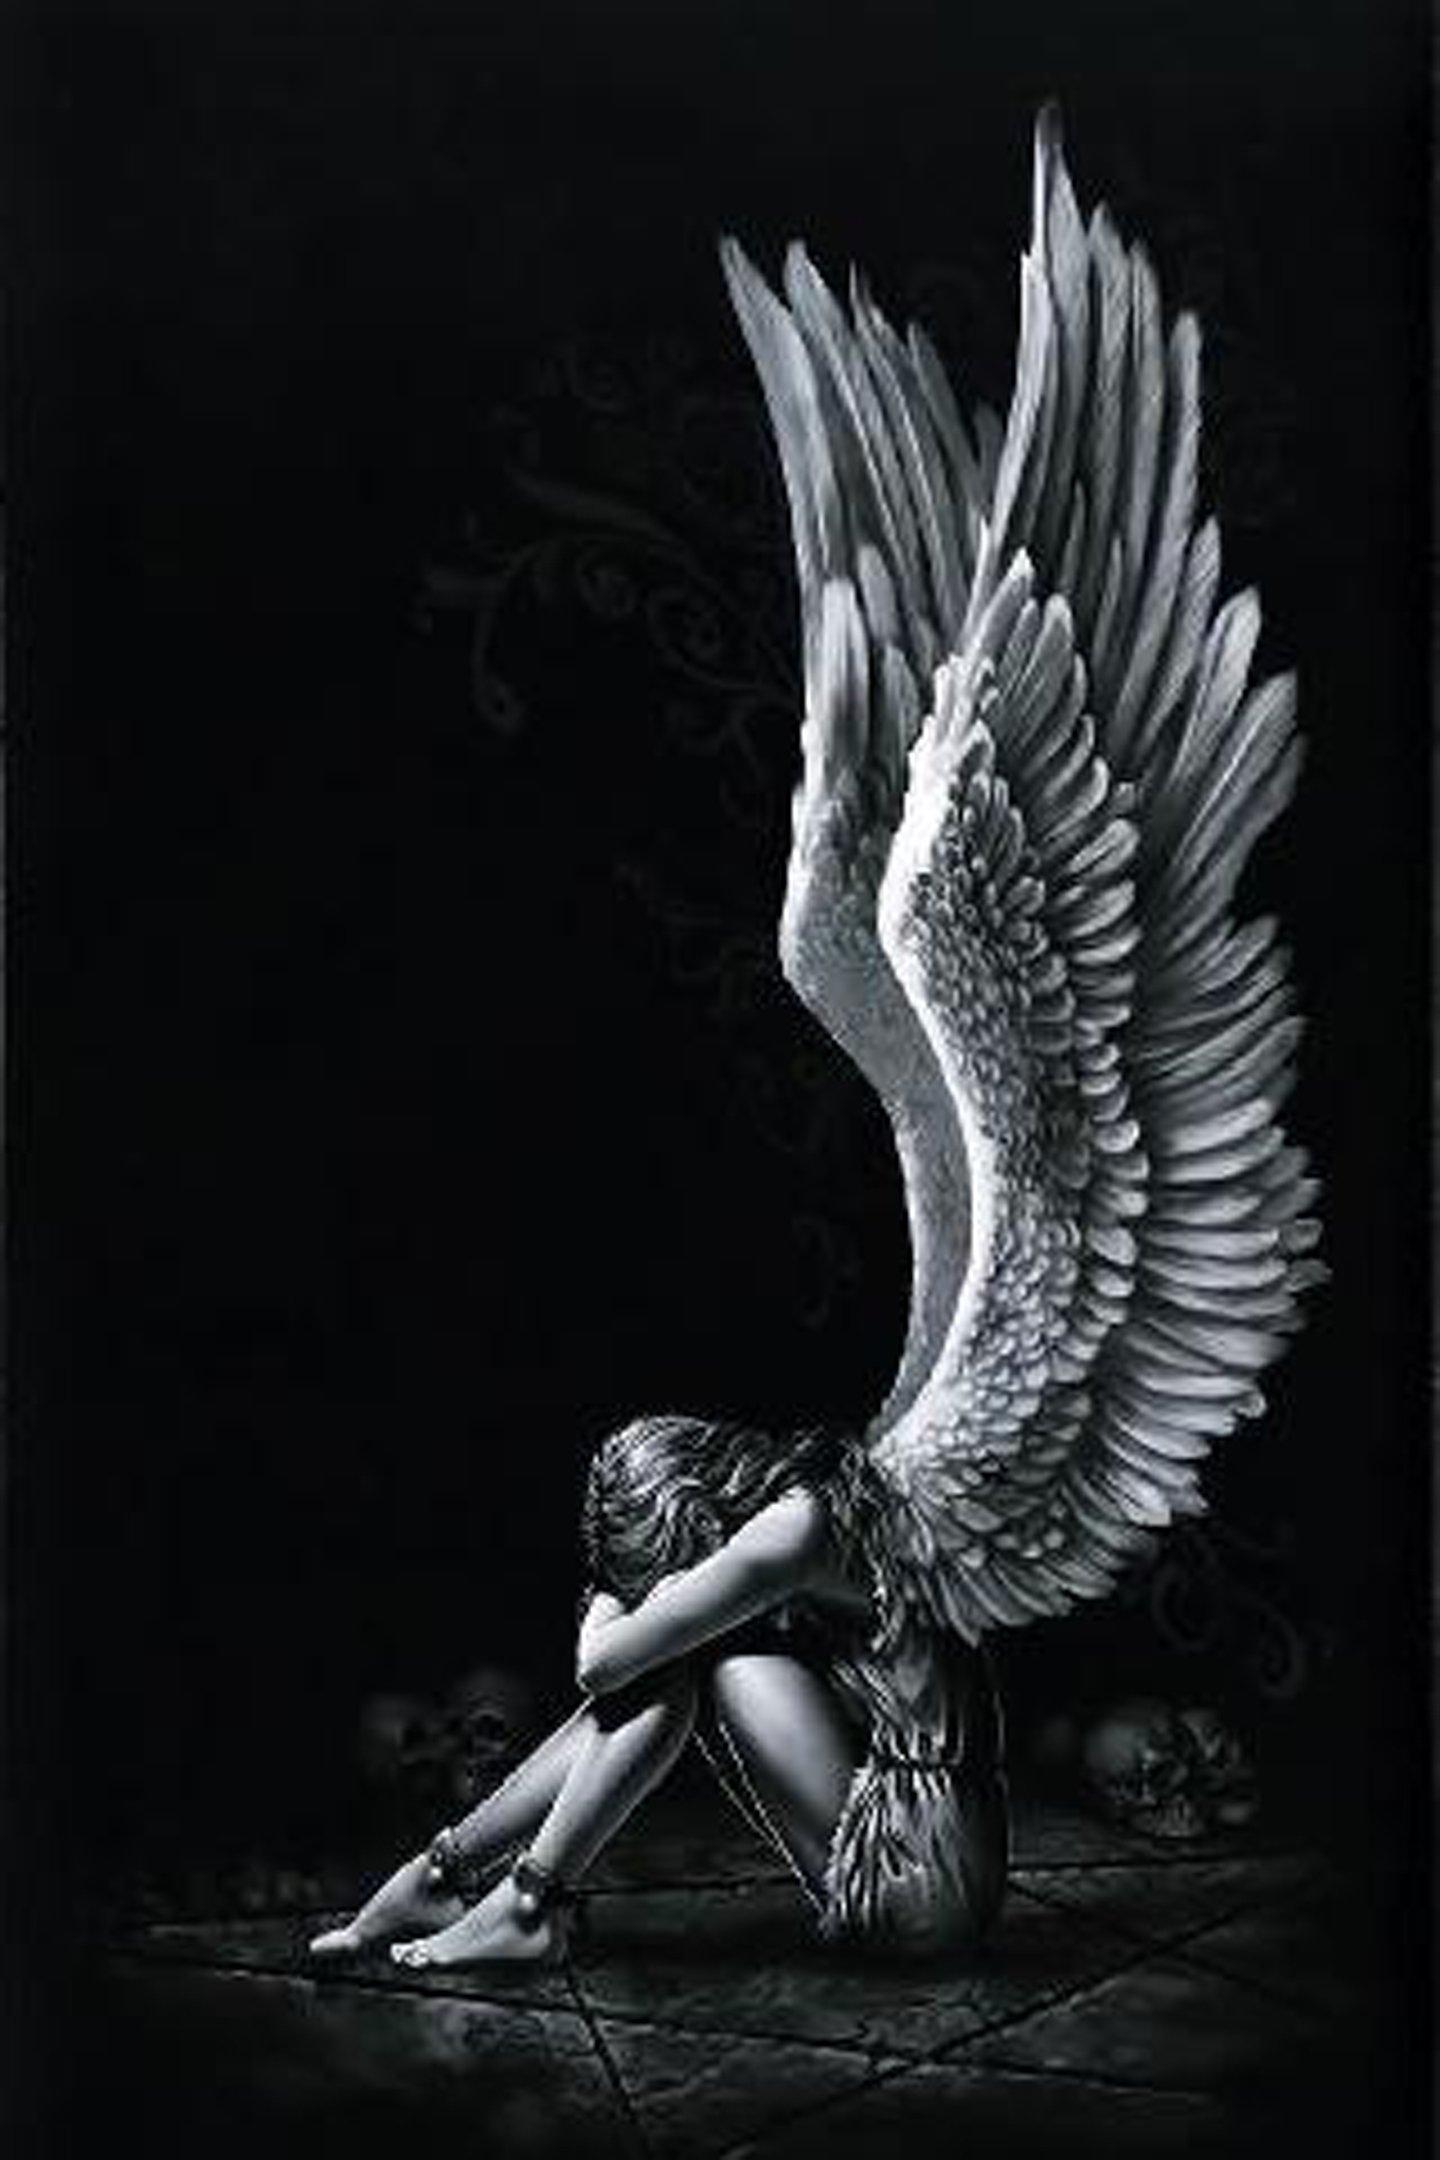 Angel Girl Wings Fantasy Alone Light Black White Wallpaper